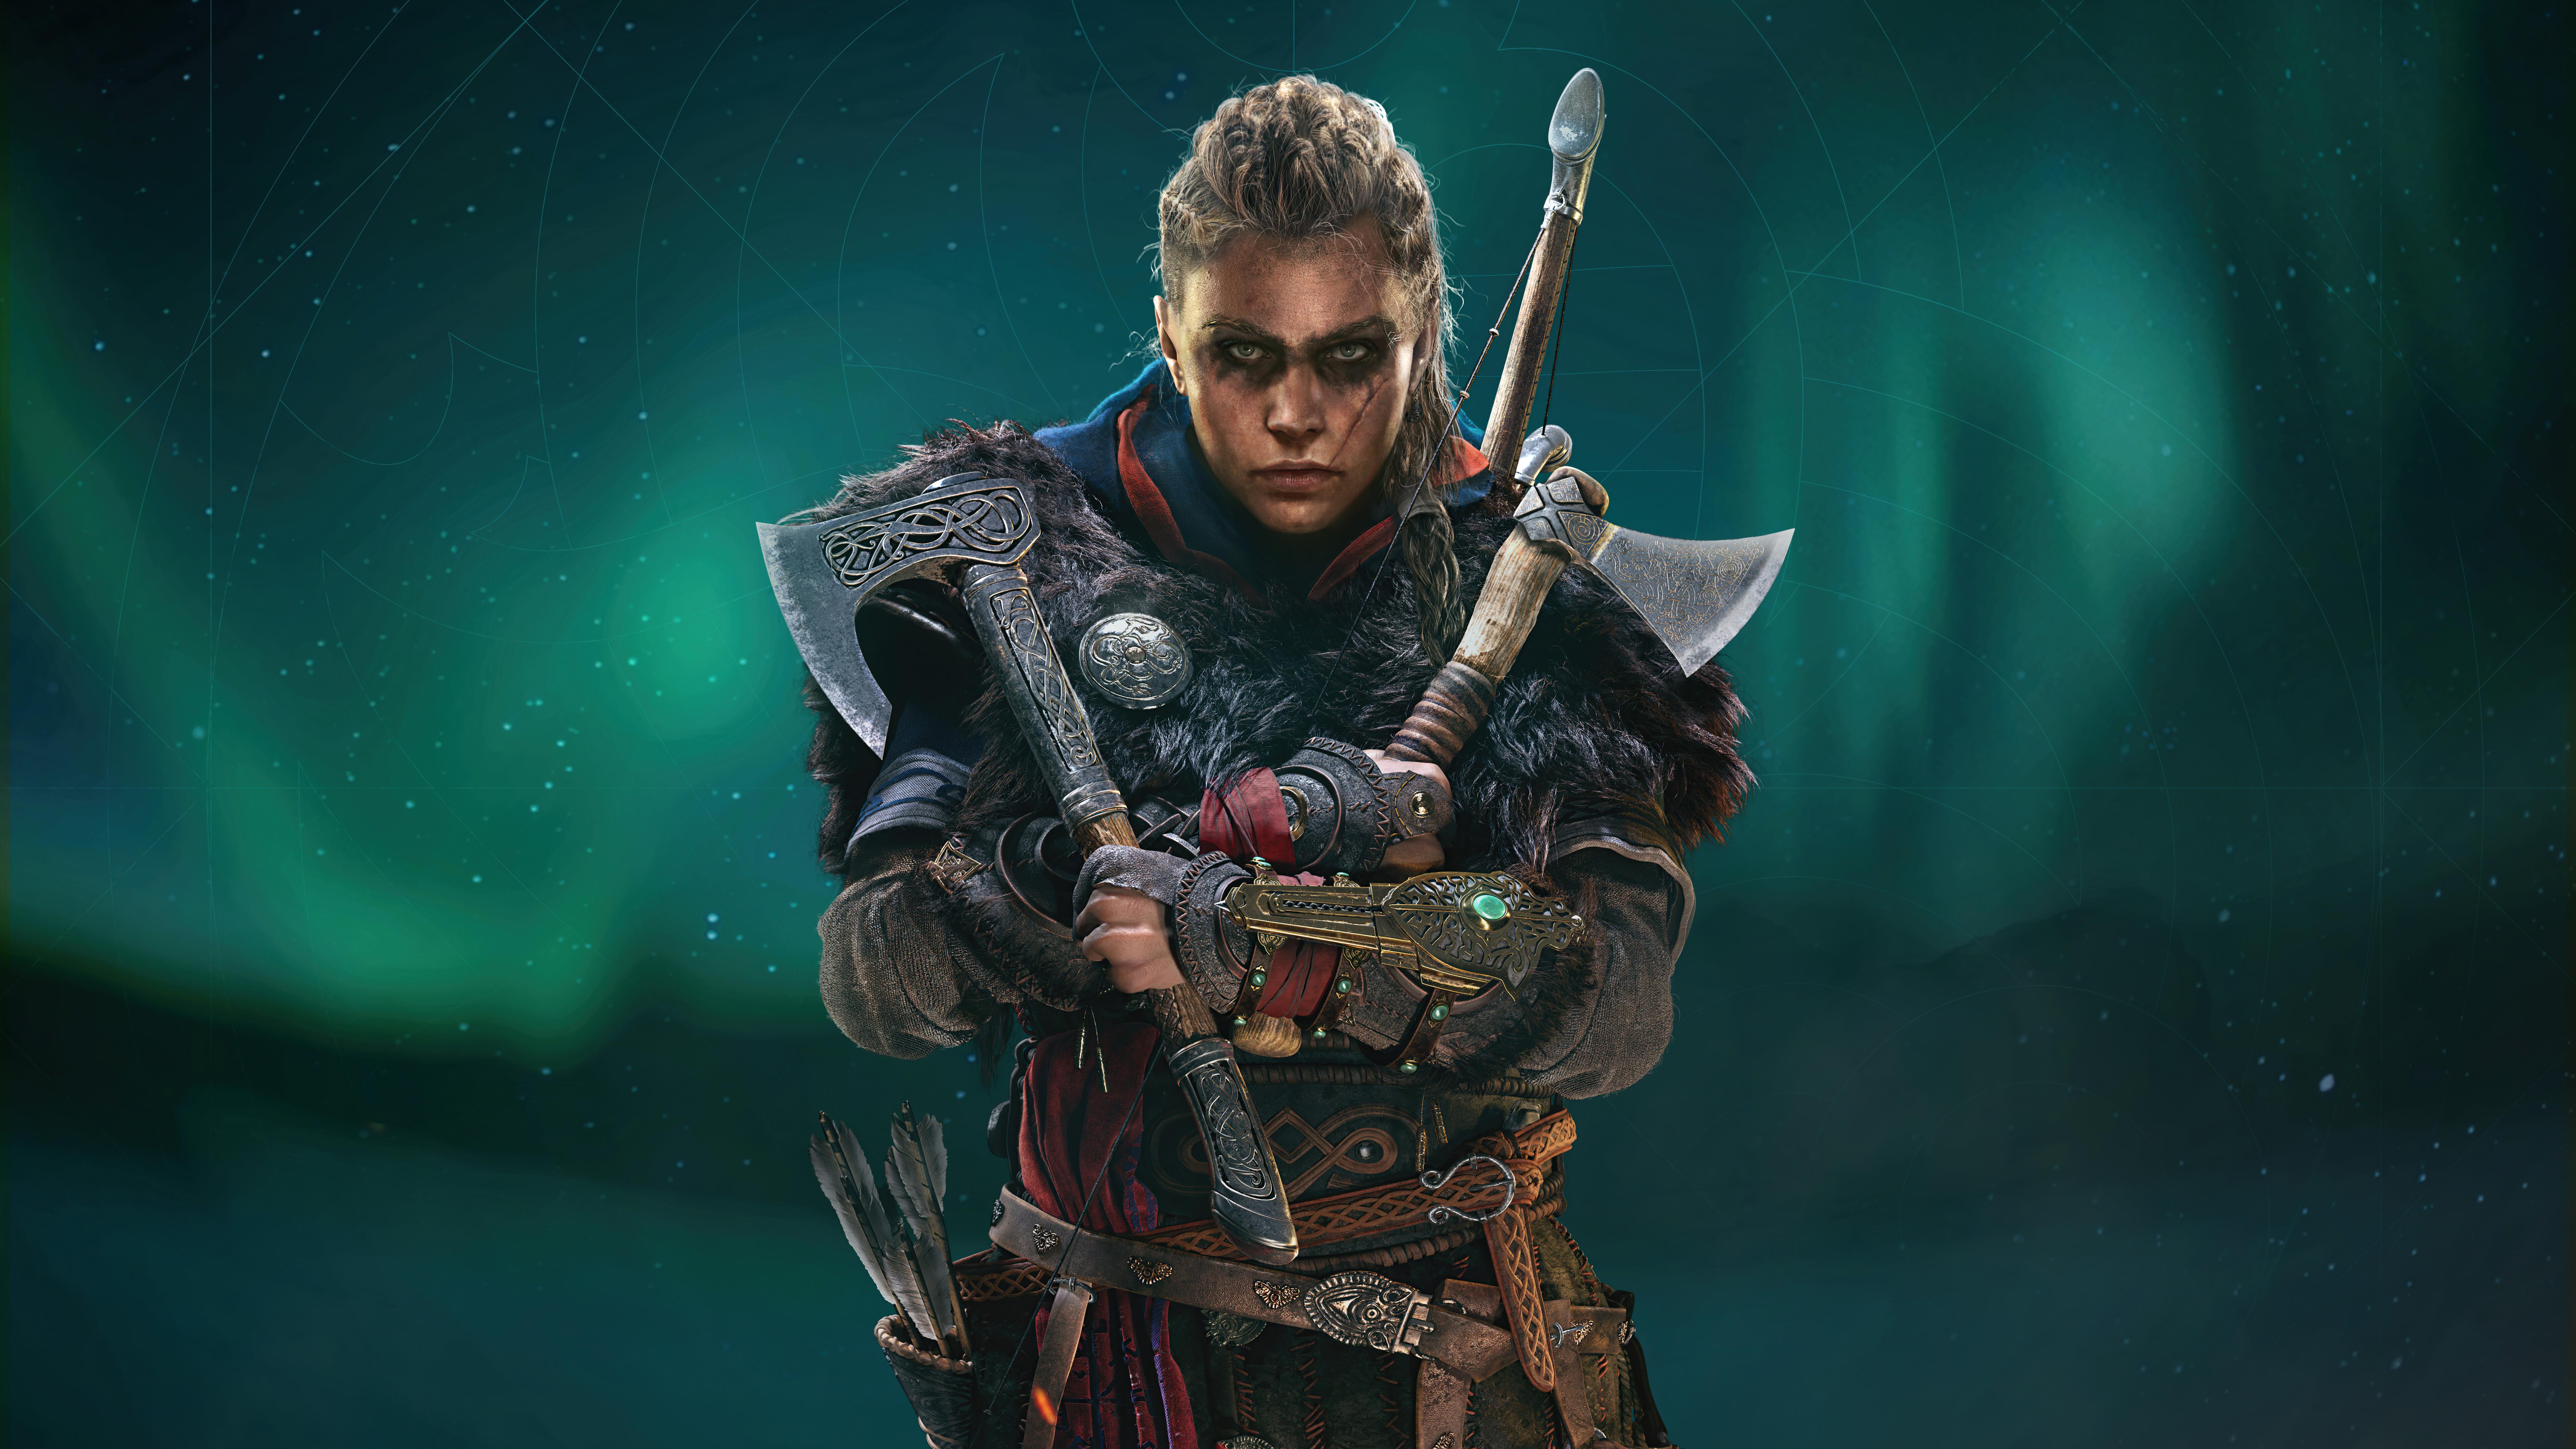 Assassins Creed Valhalla Female Eivor Axe 8k Hd Games 4k